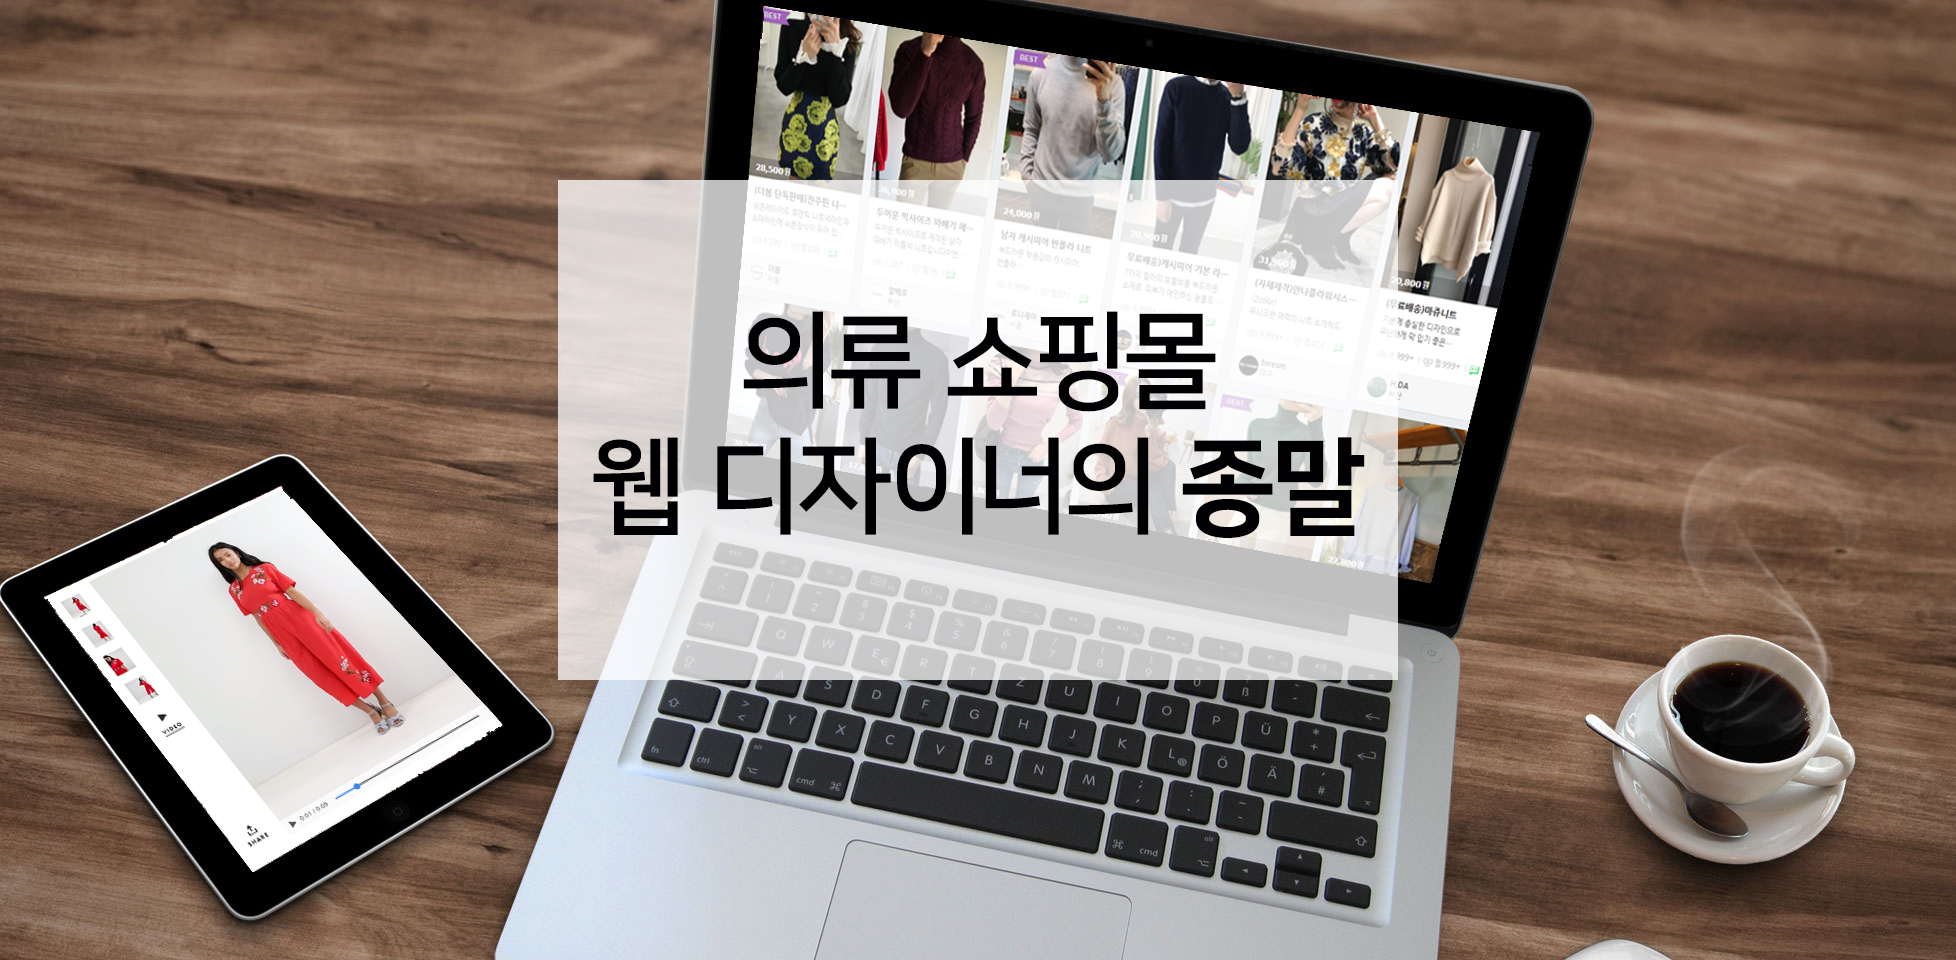 의류 쇼핑몰 웹 디자이너의 종말